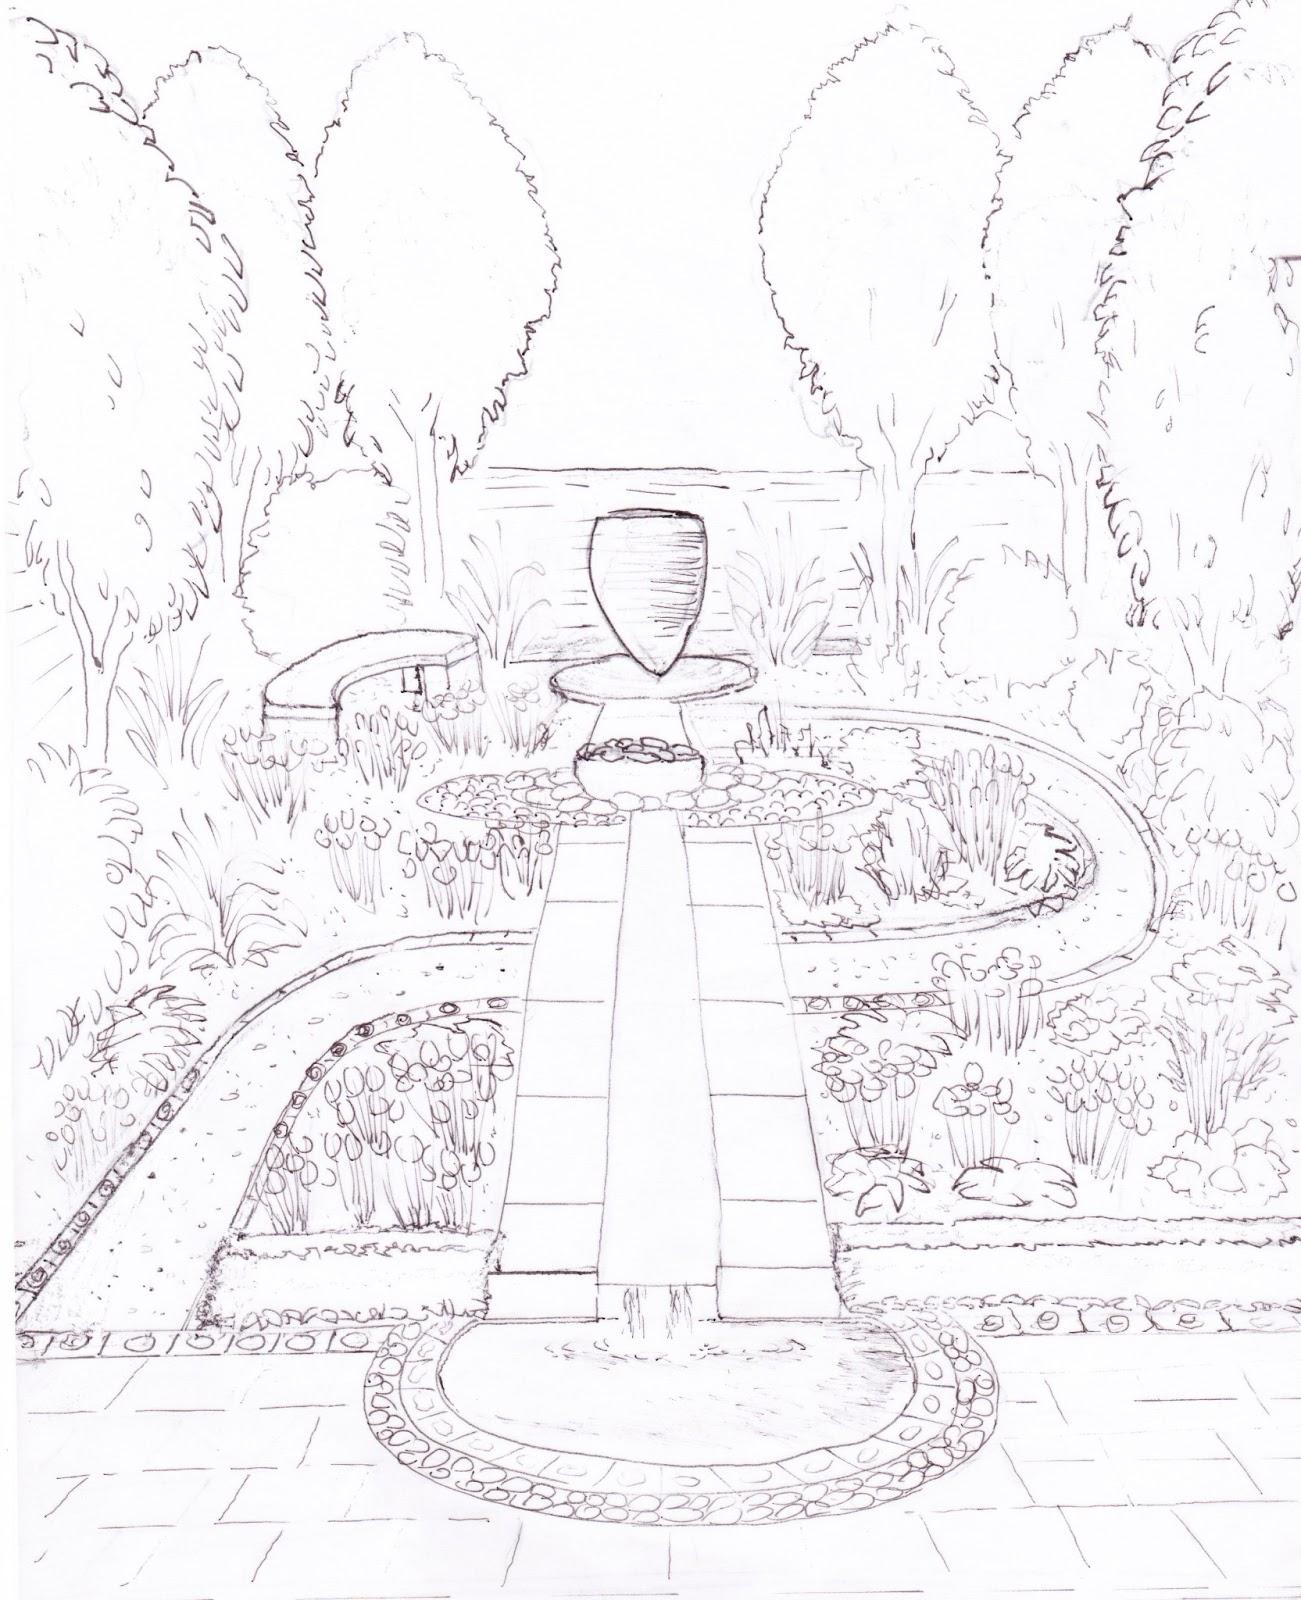 Flower garden sketch - My Show Garden